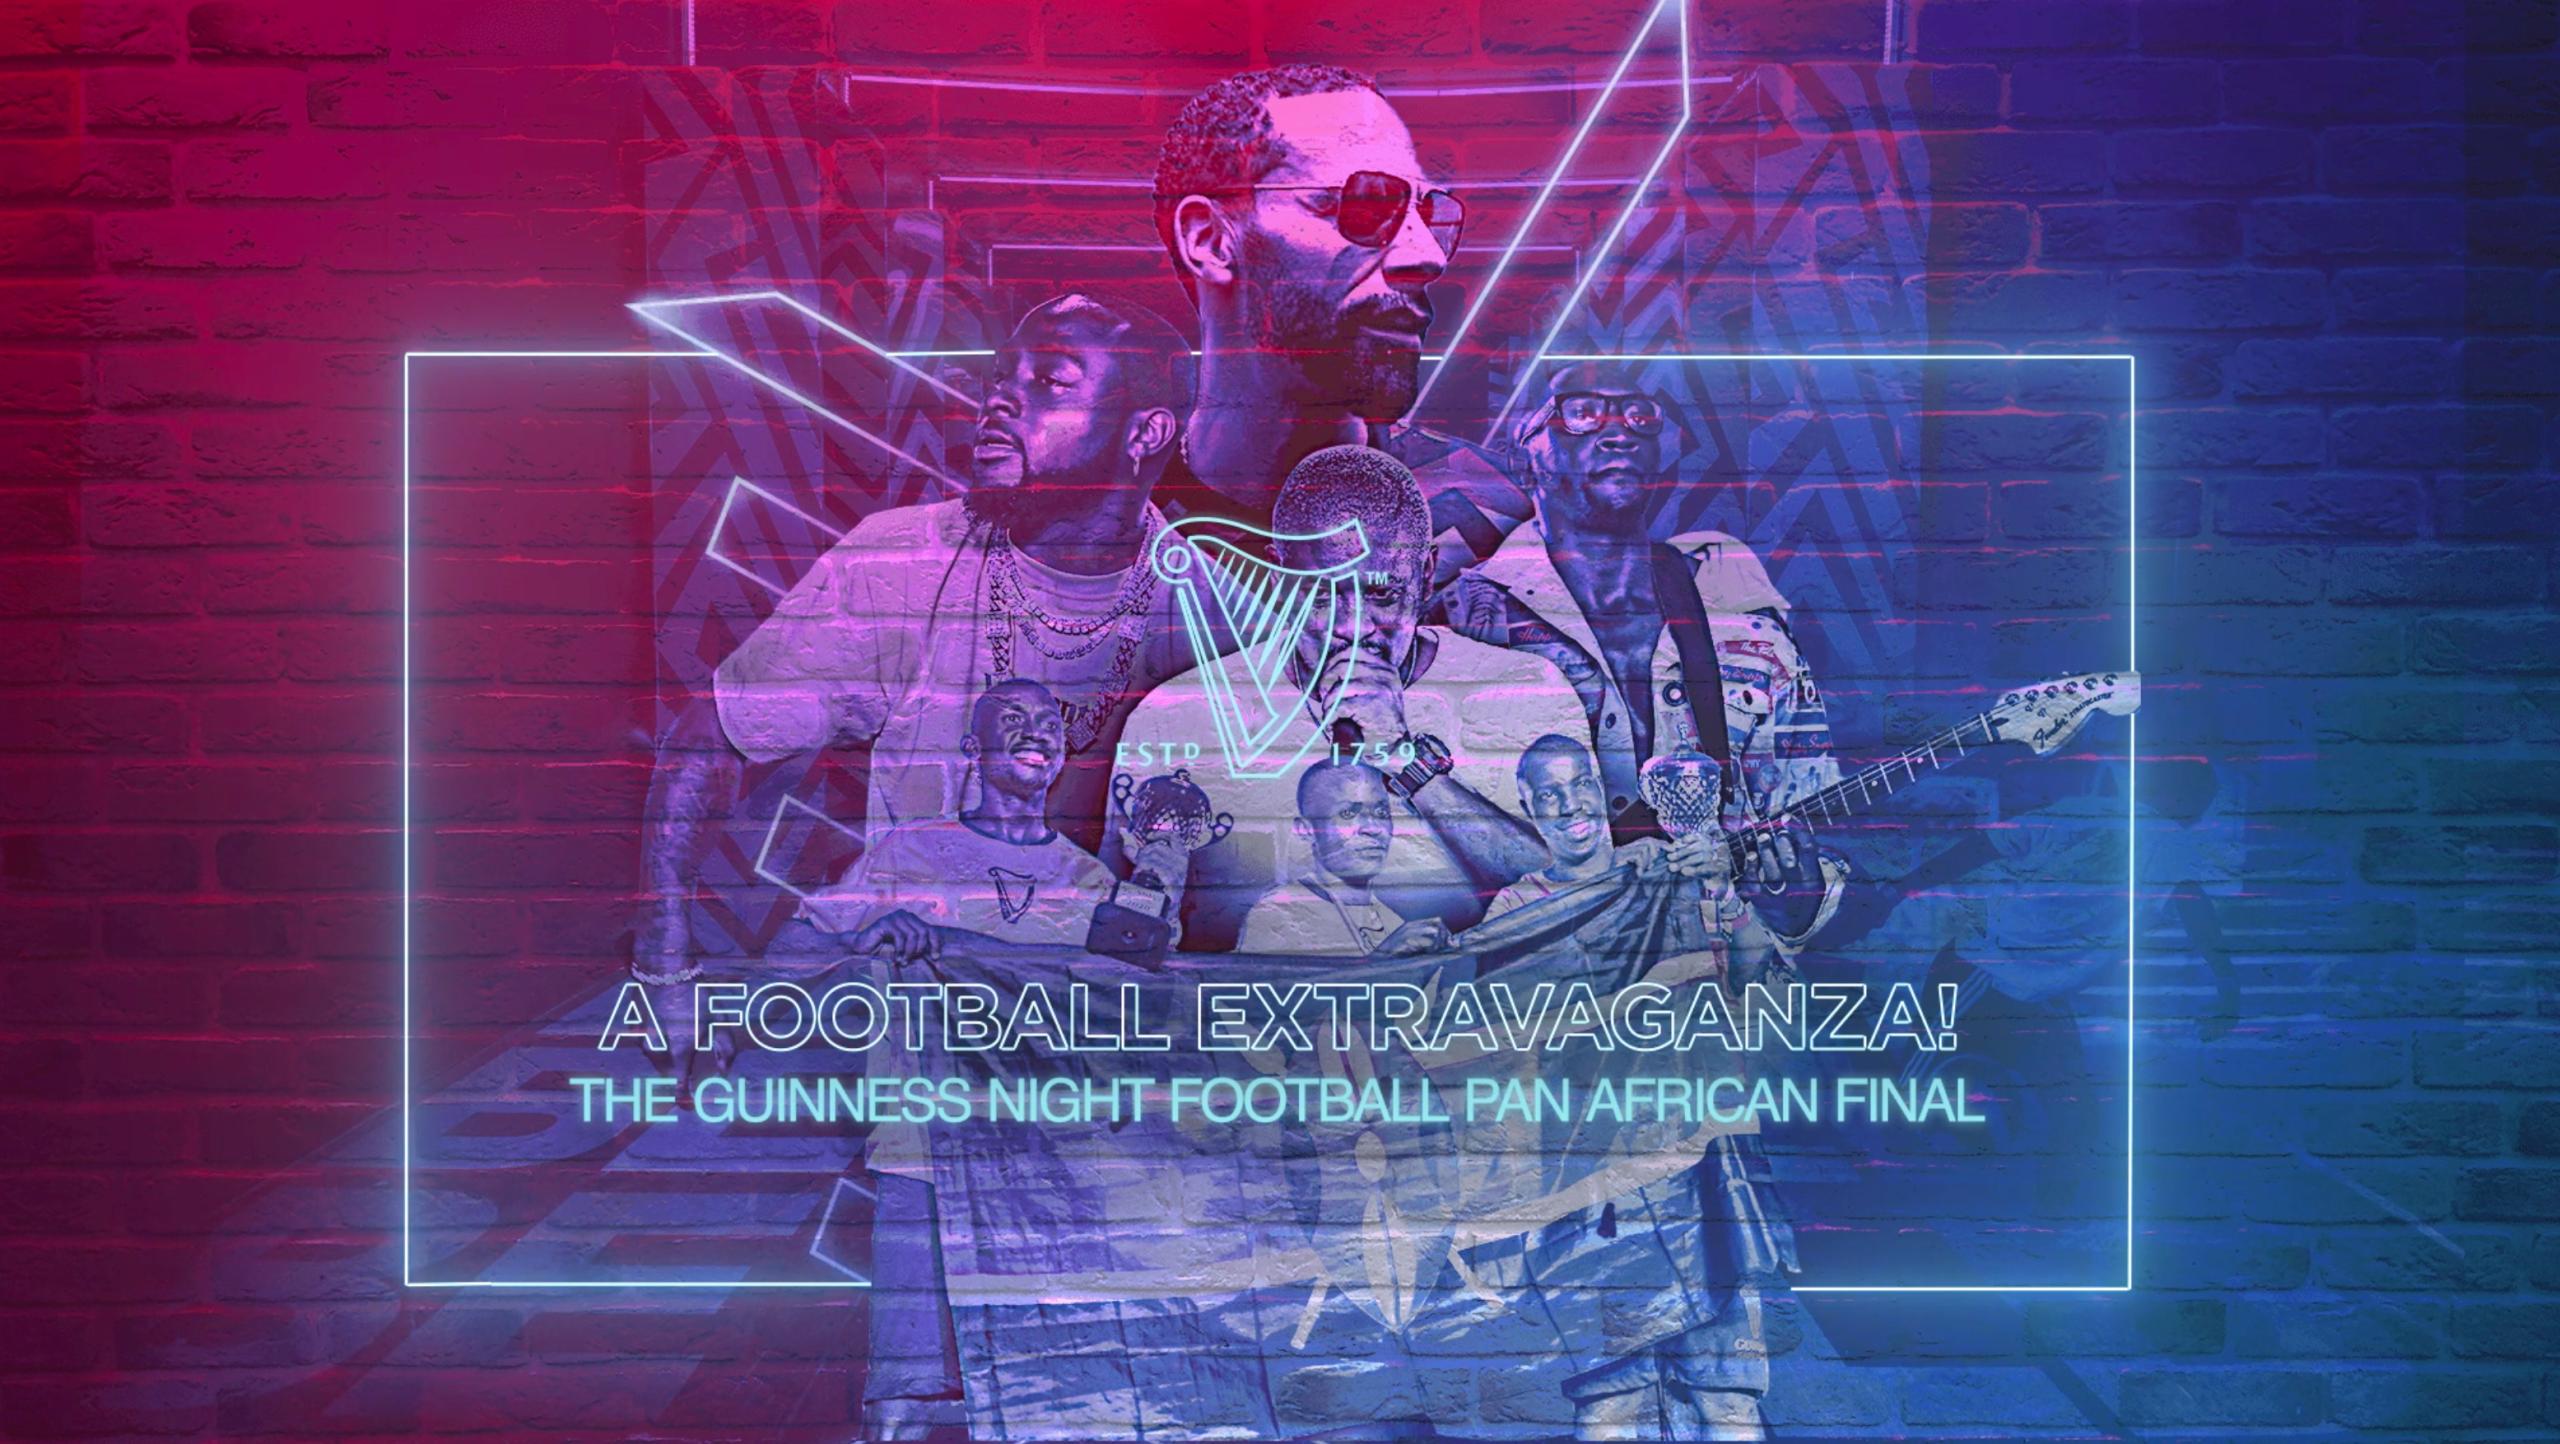 Guinness Night Football Pan African Final